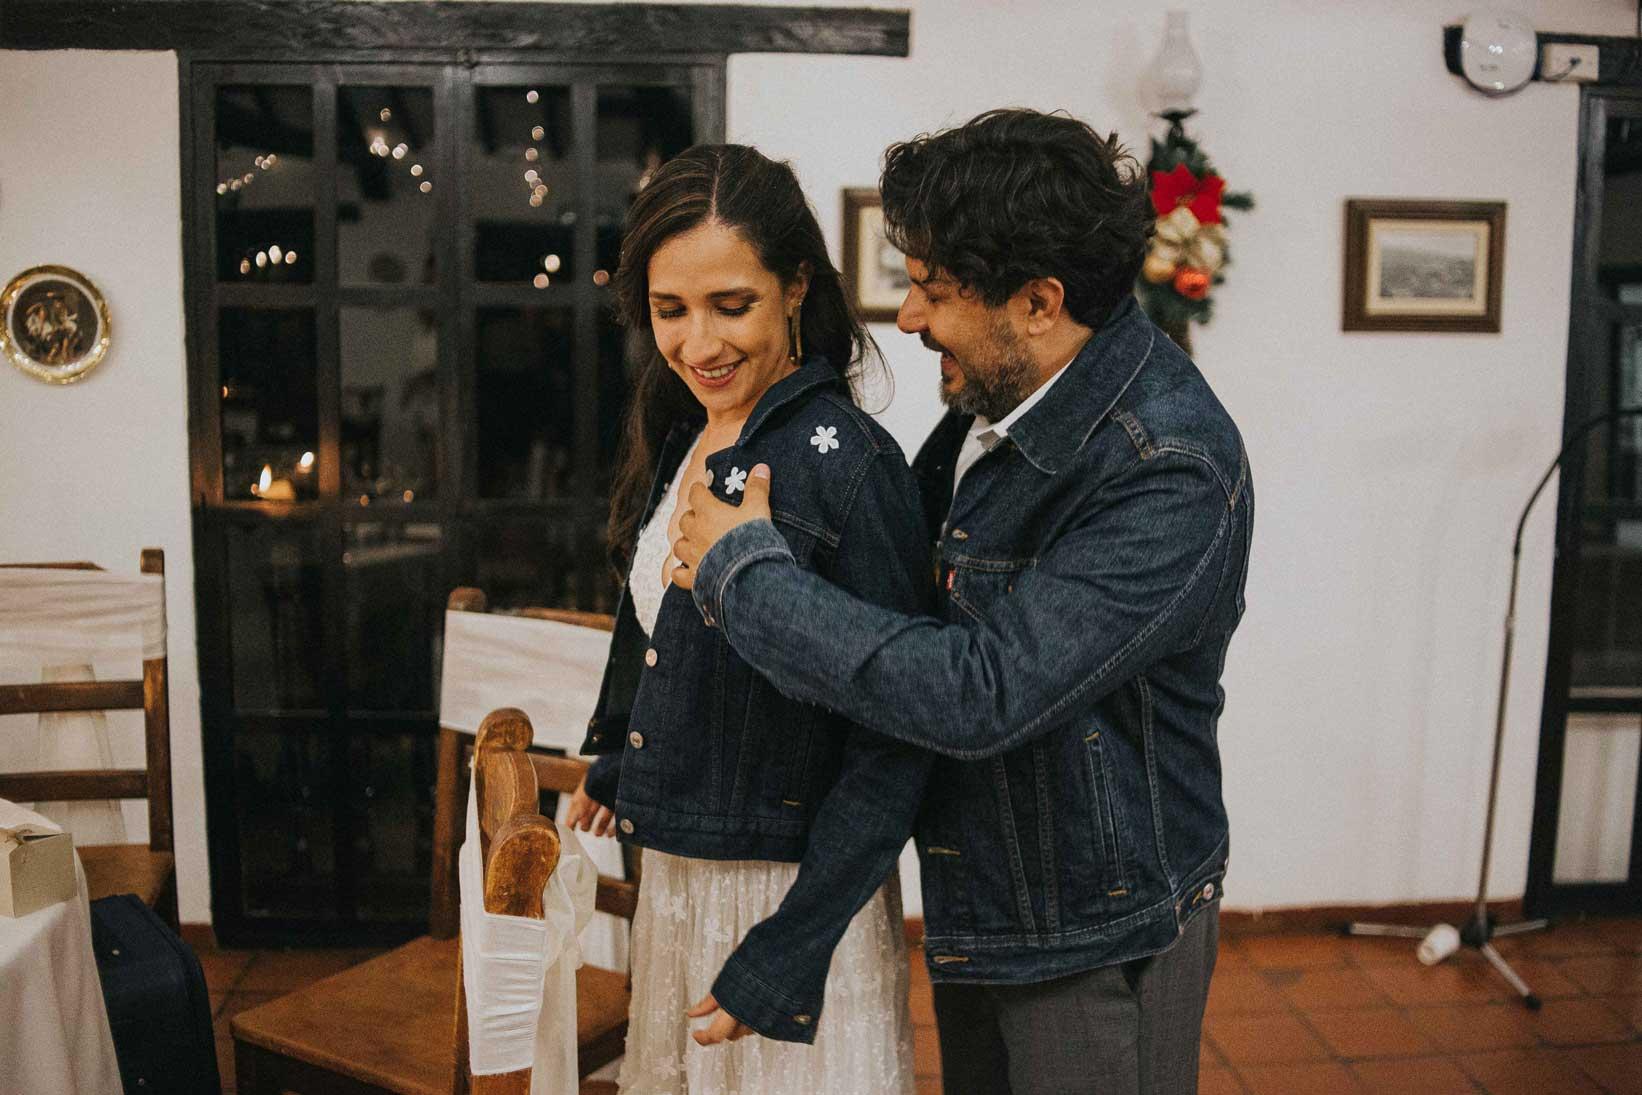 Fotógrafos de boda, fotógrafos de boda en Colombia, fotógrafos de boda en Bogota, fotógrafos de boda en Villa de Leyva, fotografos de boda en Medellin, fotógrafos de boda en Mexico, fotógrafos de boda en Cancun, fotógrafos de boda en Monterrey, fotógrafos de boda Colombia, fotografía de boda, fotografía de bodas, fotografías de boda, ideas de fotografías de bodas, inspiración bodas, bodas Colombia, bodas Mexico, Bodas Cali, bodas Medeelin, bodas en villa de Leyva, Villa de Leyva, fotografías en villa de Leyva, wedding photography, wedding photographer, wedding photographers, wedding photo inspiration, sesión de fotos de parejas, fotógrafos de parejas, fotografía de parejas, bodas, matrimonios Colombia, matrimonios en Villa de Leyva, matrimonios Medellin, matrimonios Cali, matrimonios Monterrey, bodas simbólicas, ceremonias simbólicas, matrimonios simbólicos, boda simbólica, boda simbólica en Villa de Leyva